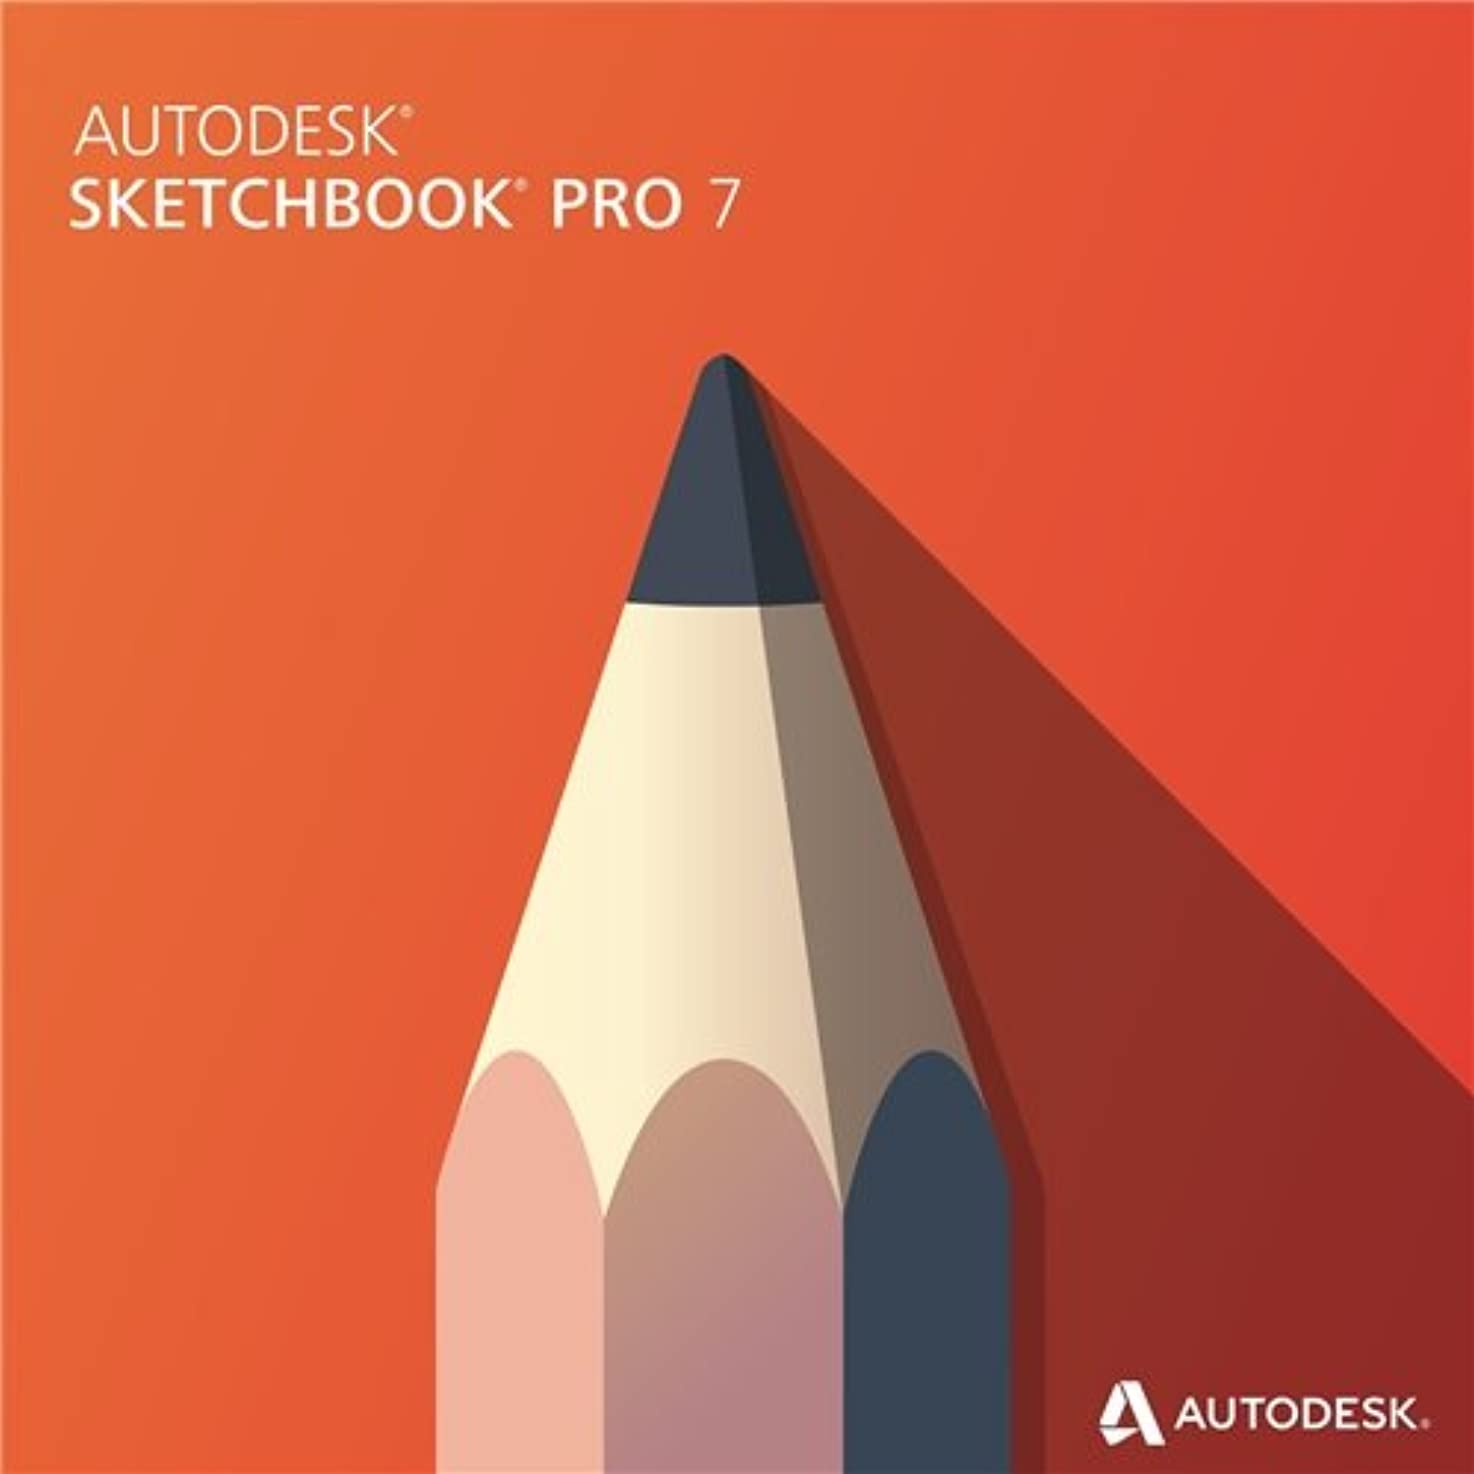 病な揮発性運命的なAutodesk Sketchbook Pro 7 Commercial New SLM